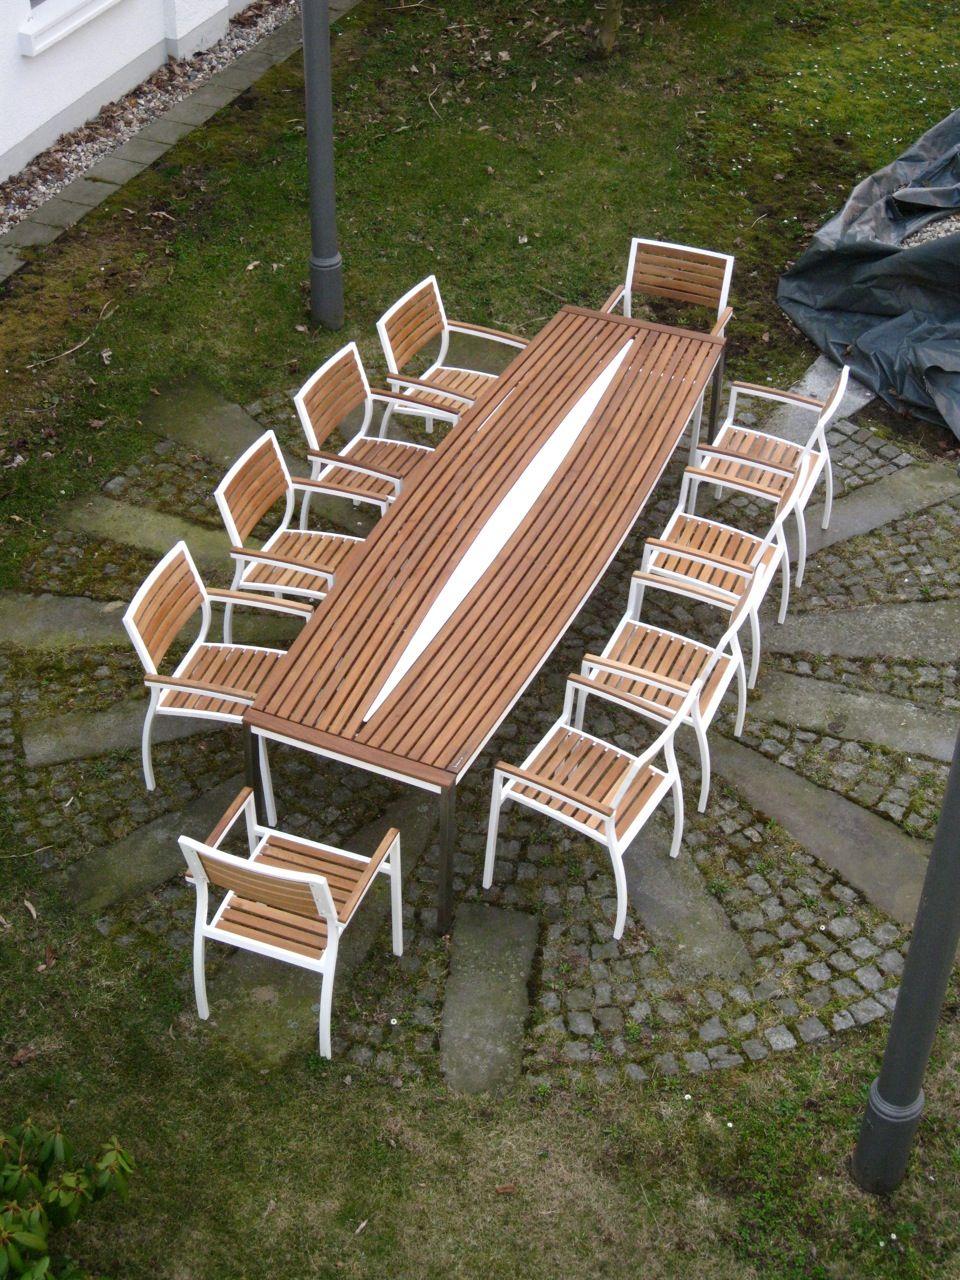 Gartenmöbel xxl Design Gartentisch groß by Sebastian Bohry ...